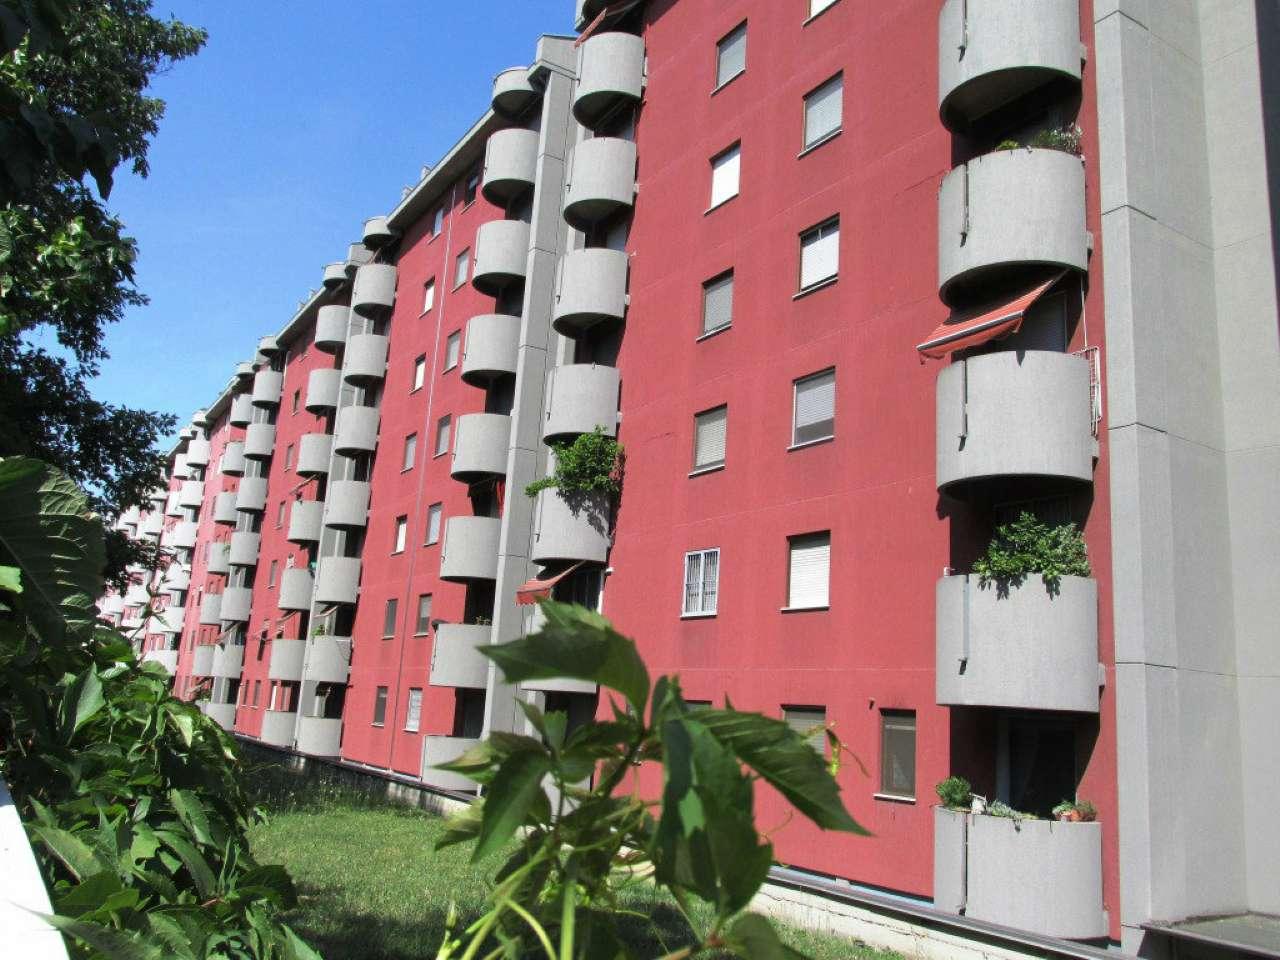 Appartamento in Vendita a Segrate: 3 locali, 100 mq